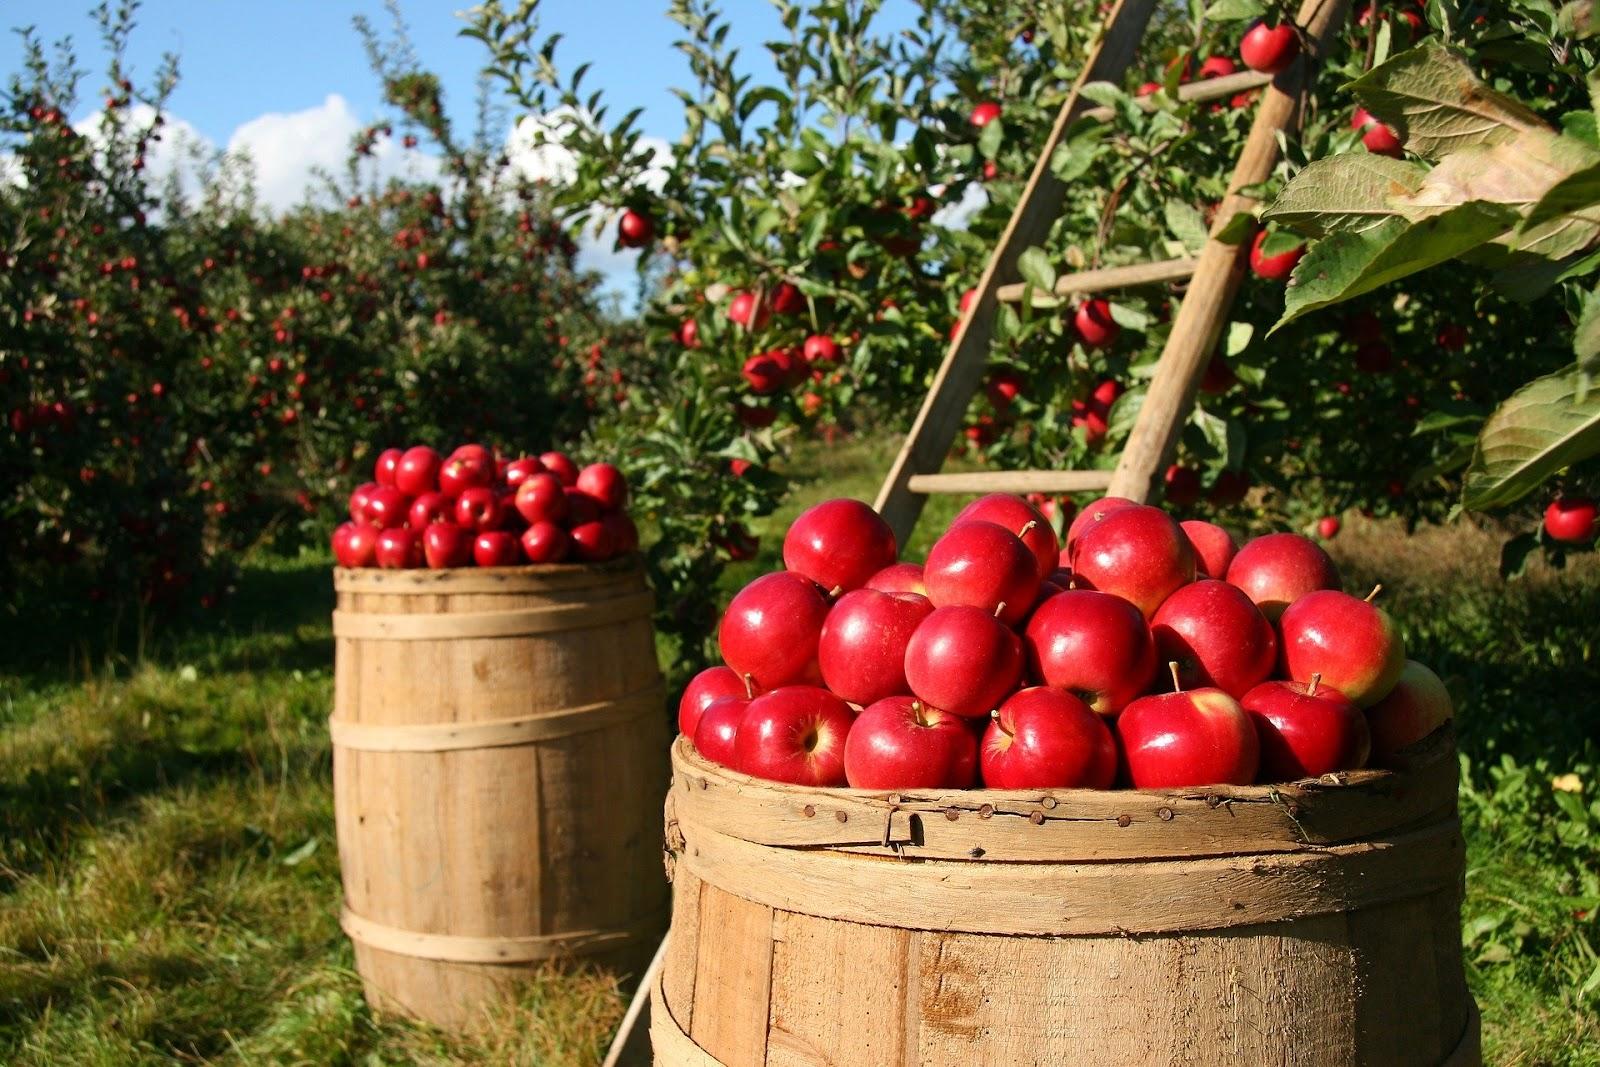 Aproximadamente 30% da produção de maçã é descartada no Brasil por ano (Fonte: Pixabay)